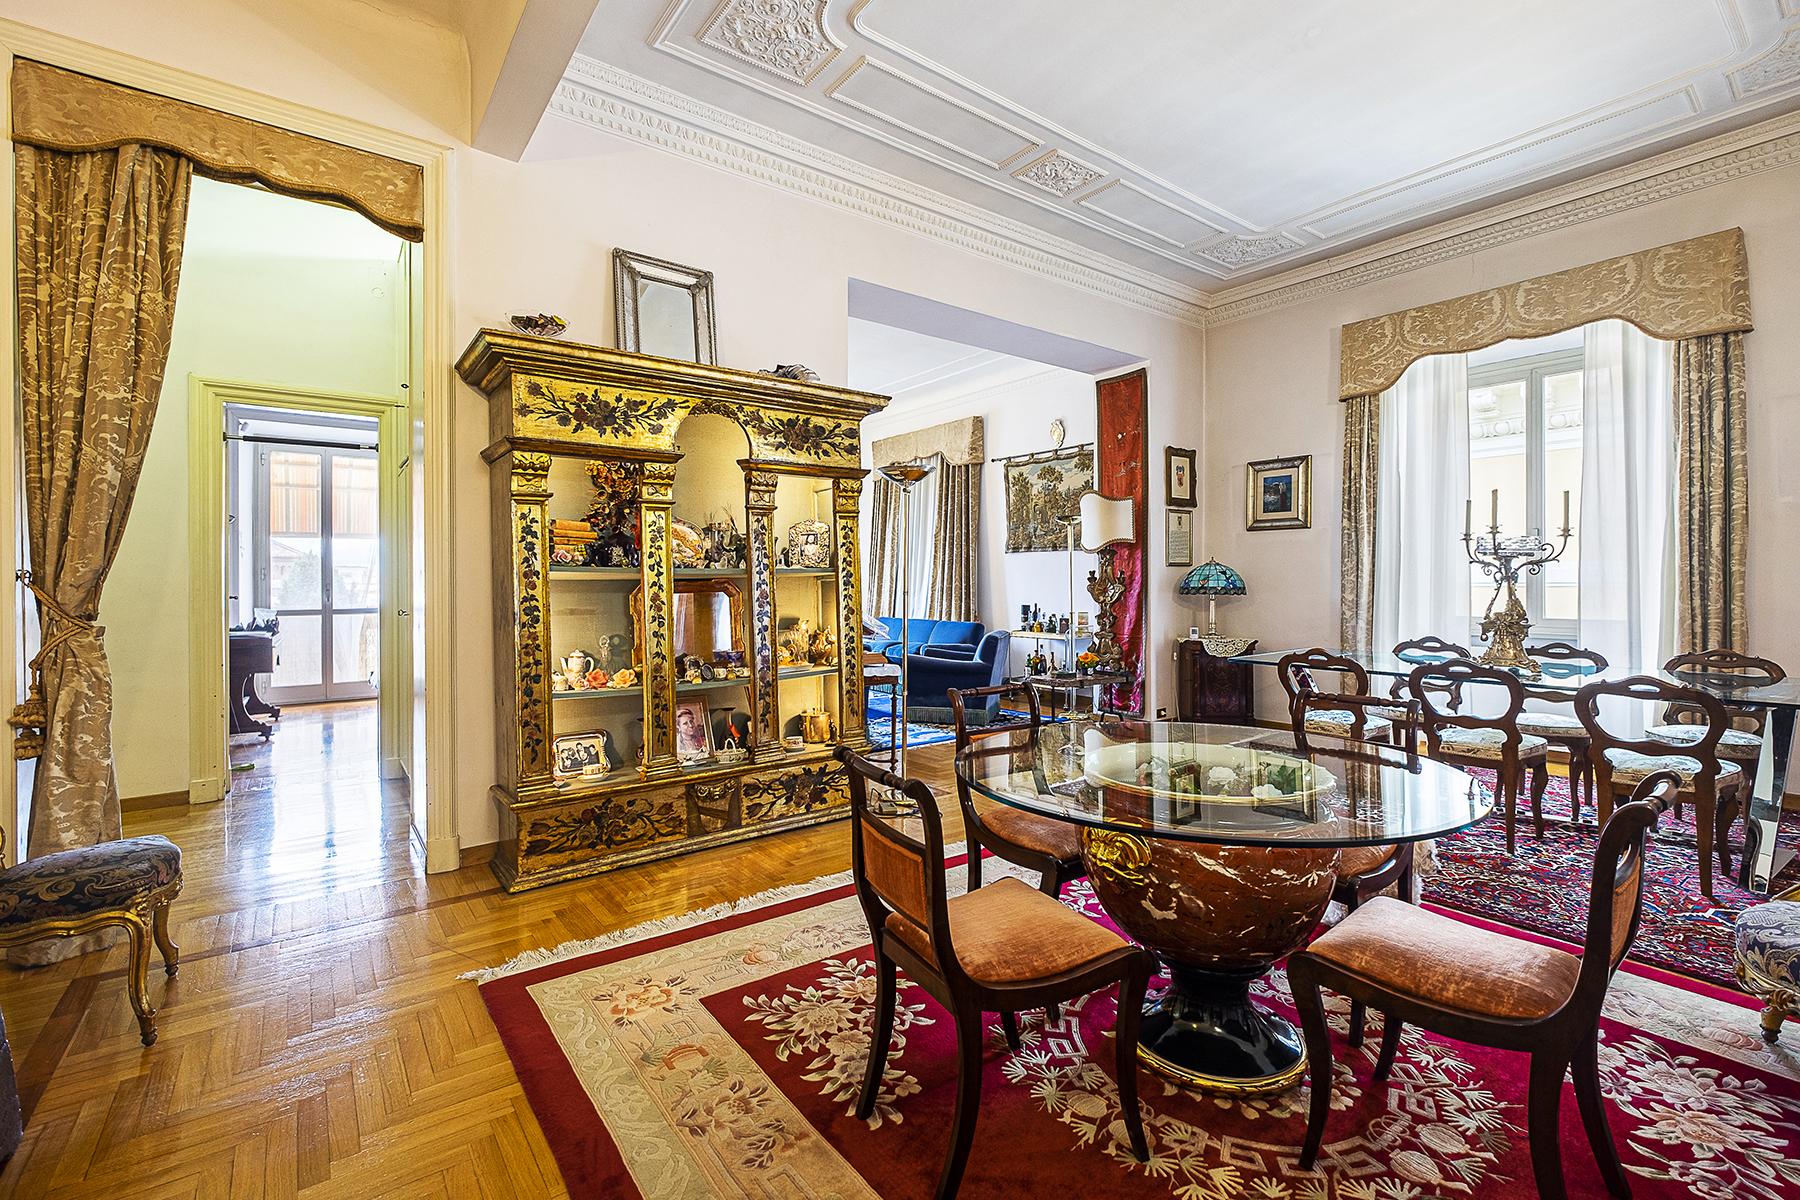 Appartamento in Vendita a Roma 03 Trieste / Somalia / Salario: 5 locali, 212 mq